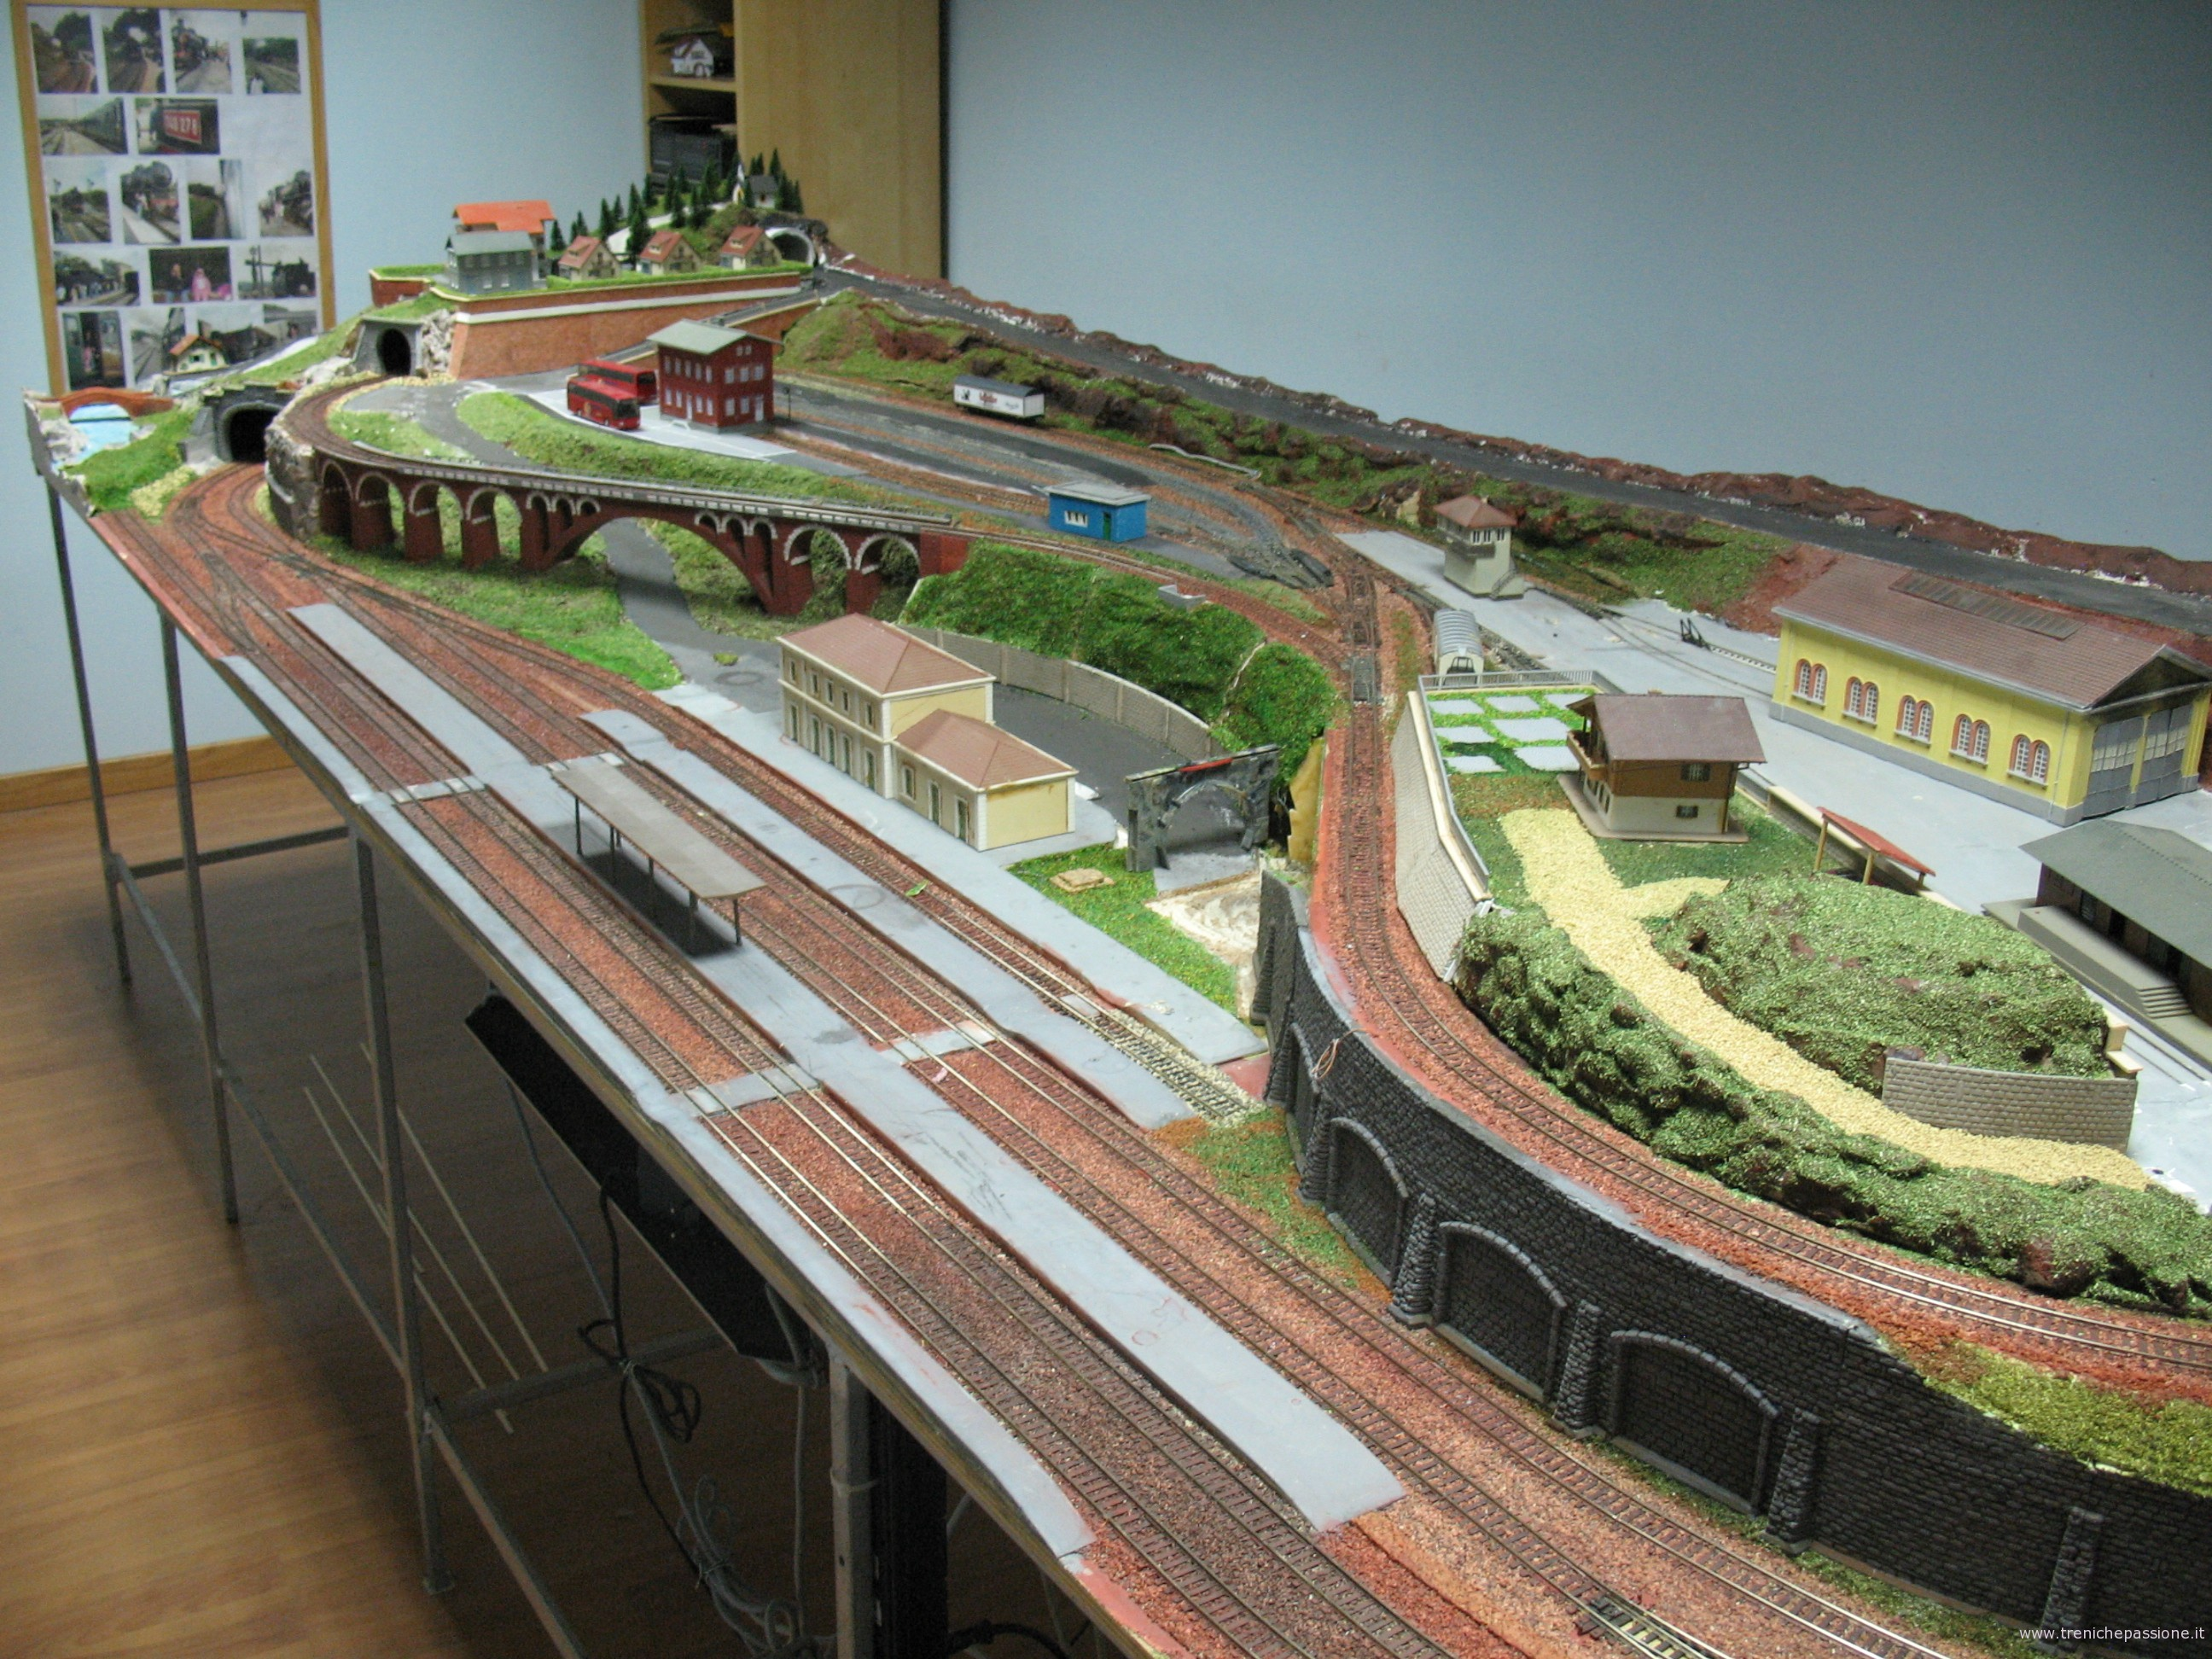 Schemi Elettrici Per Trenini : Schemi elettrici plastico ferroviario progetto plastici